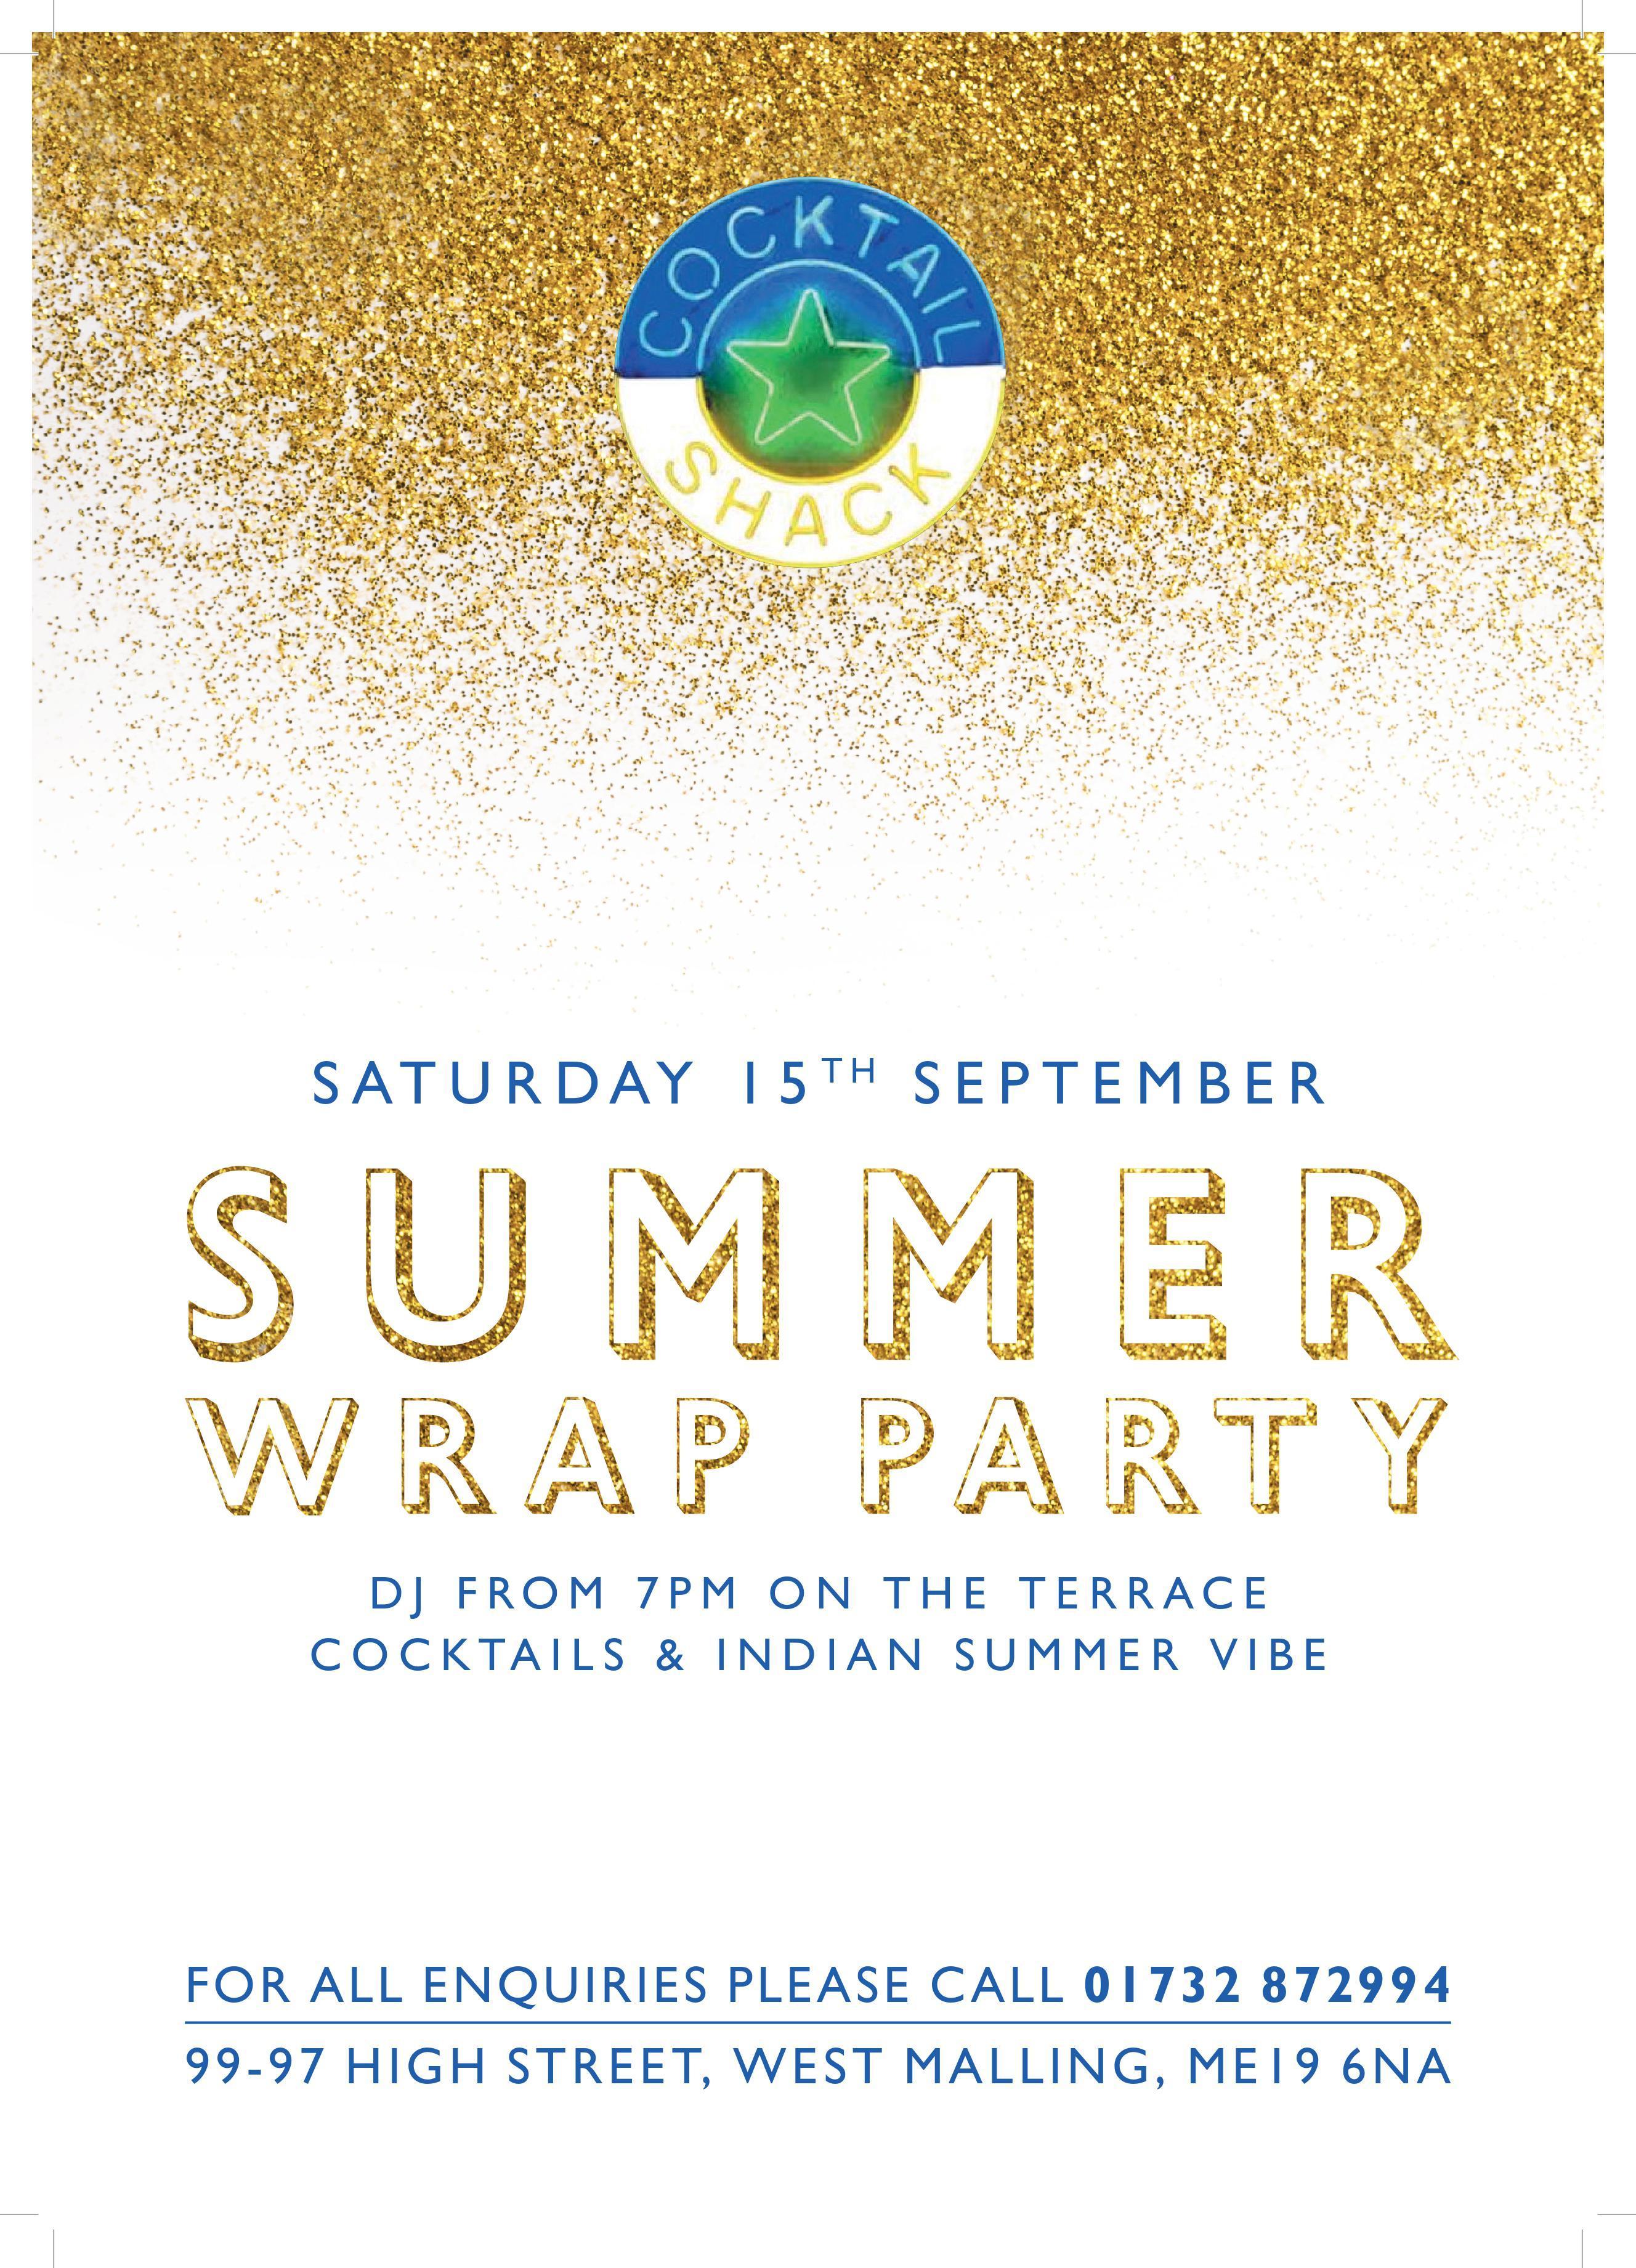 Summer Warp party